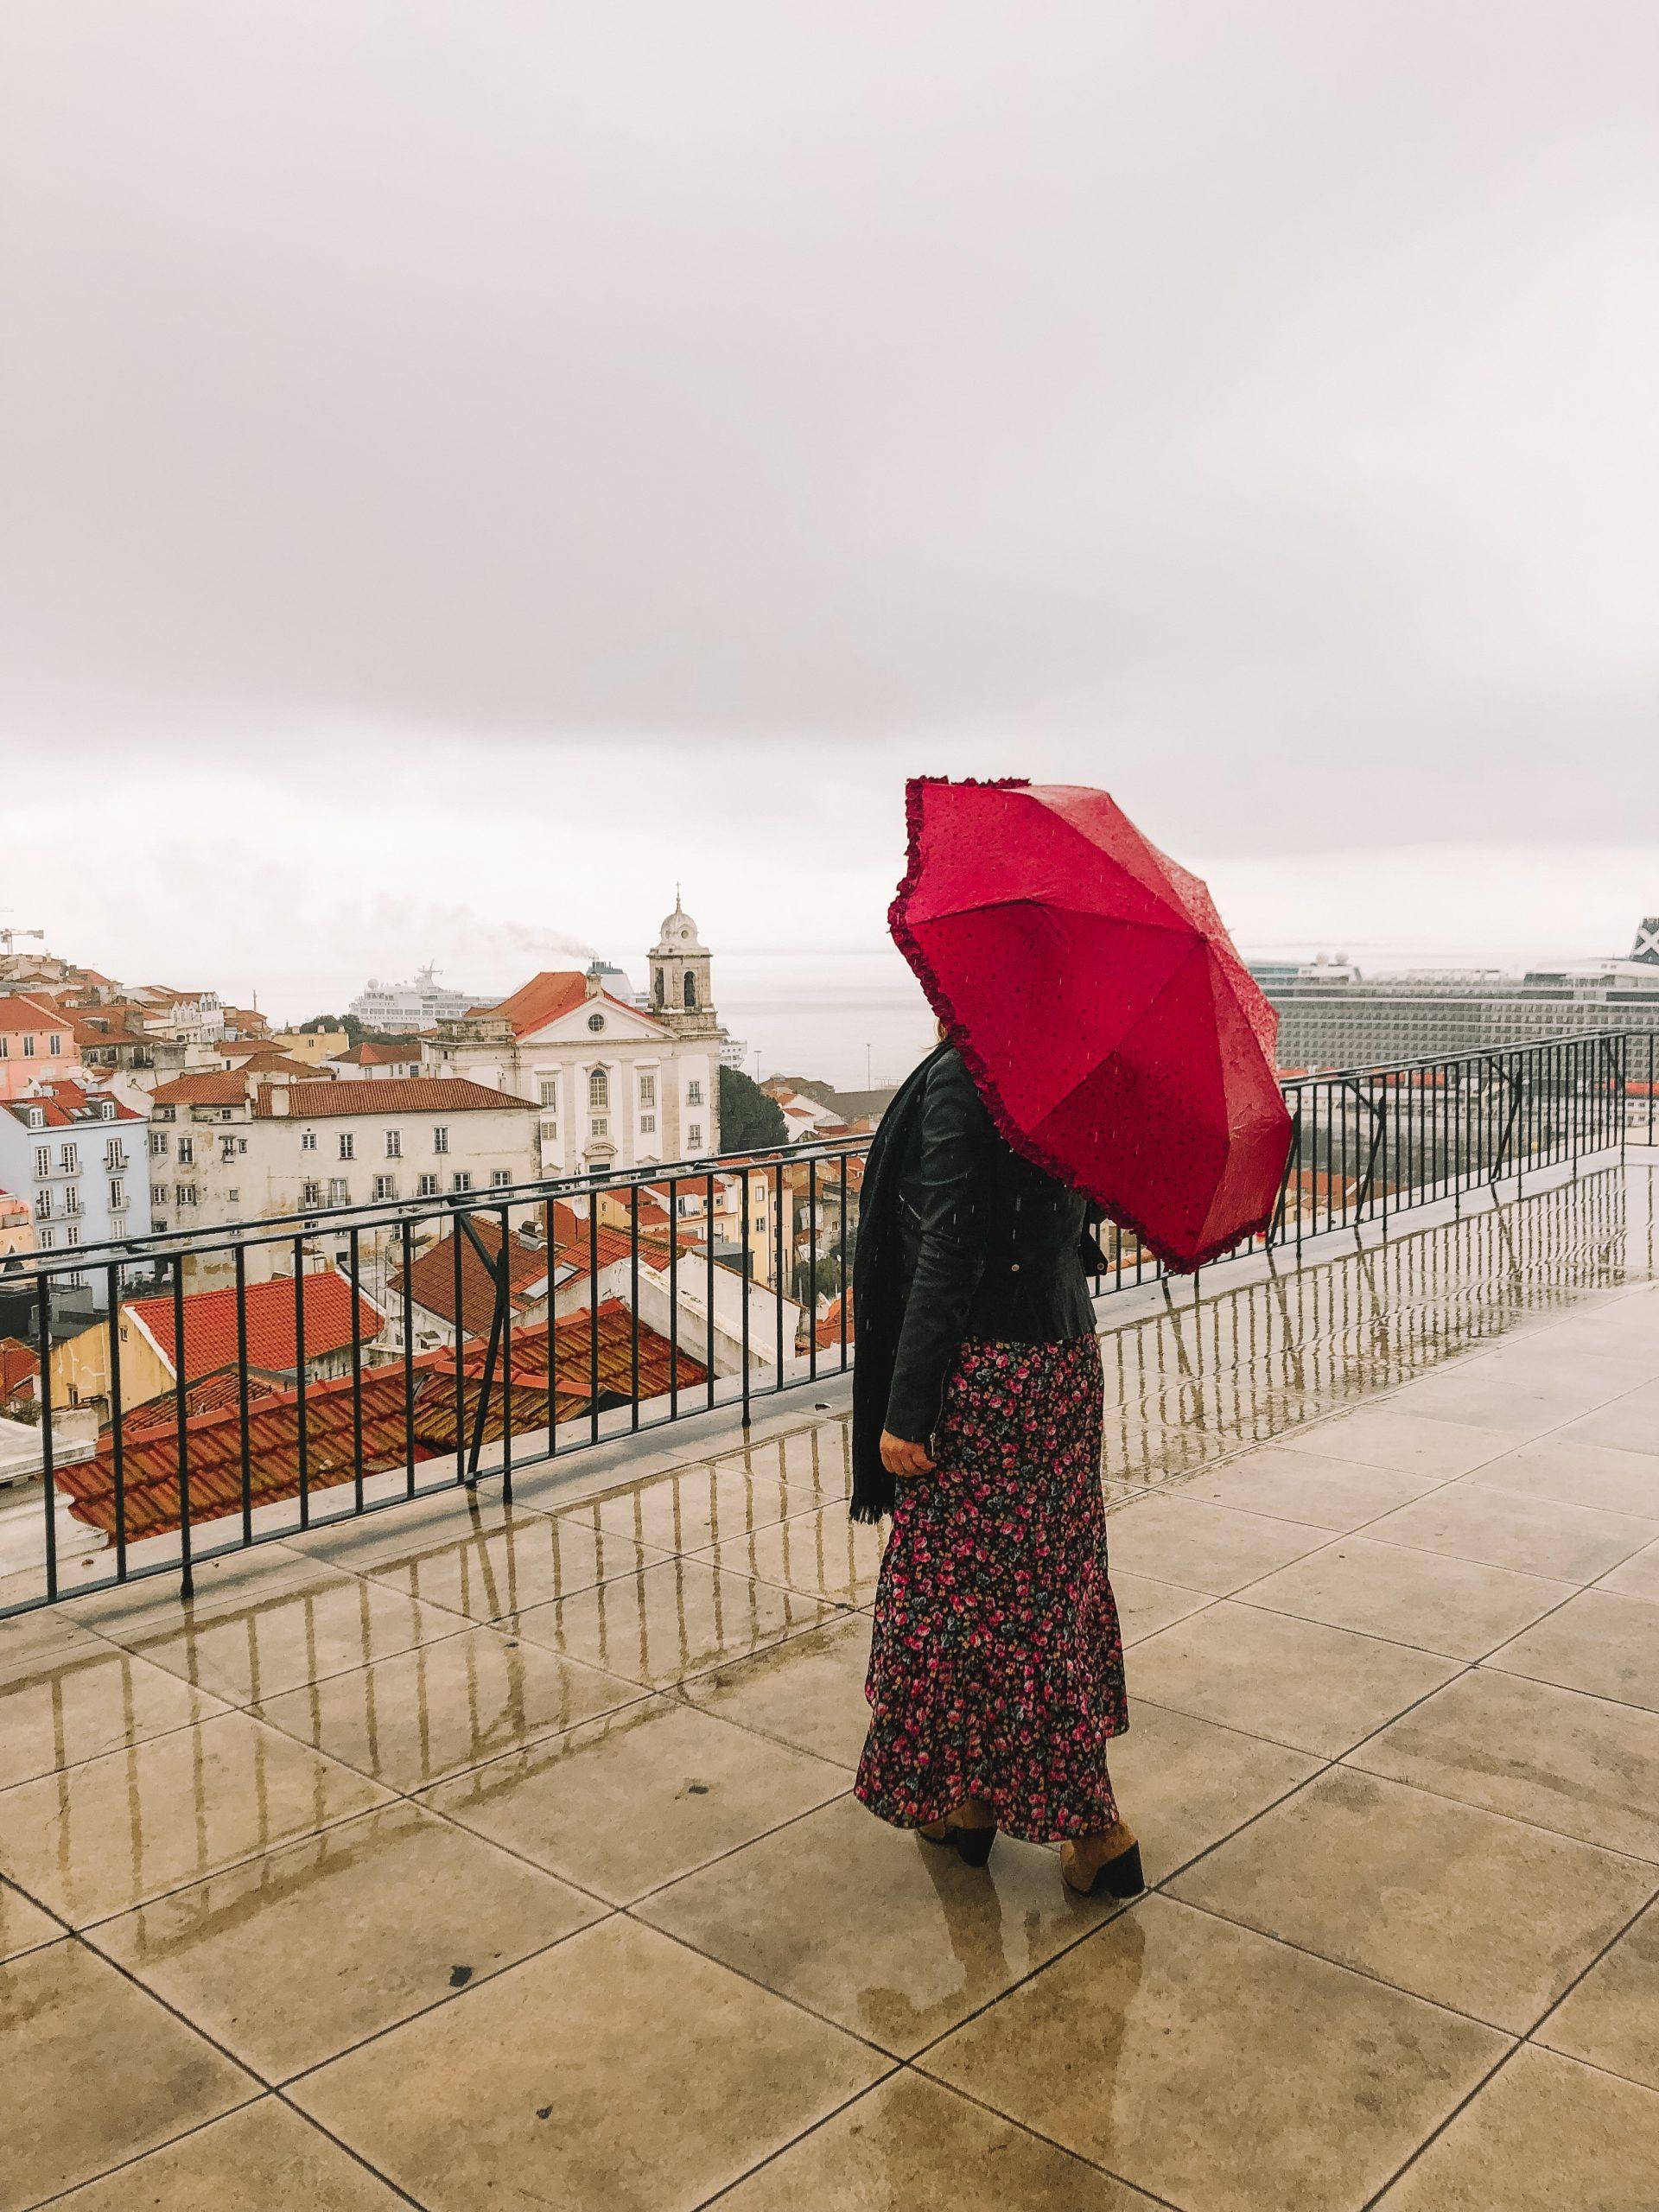 que hacer en Lisboa y sintra 3 días